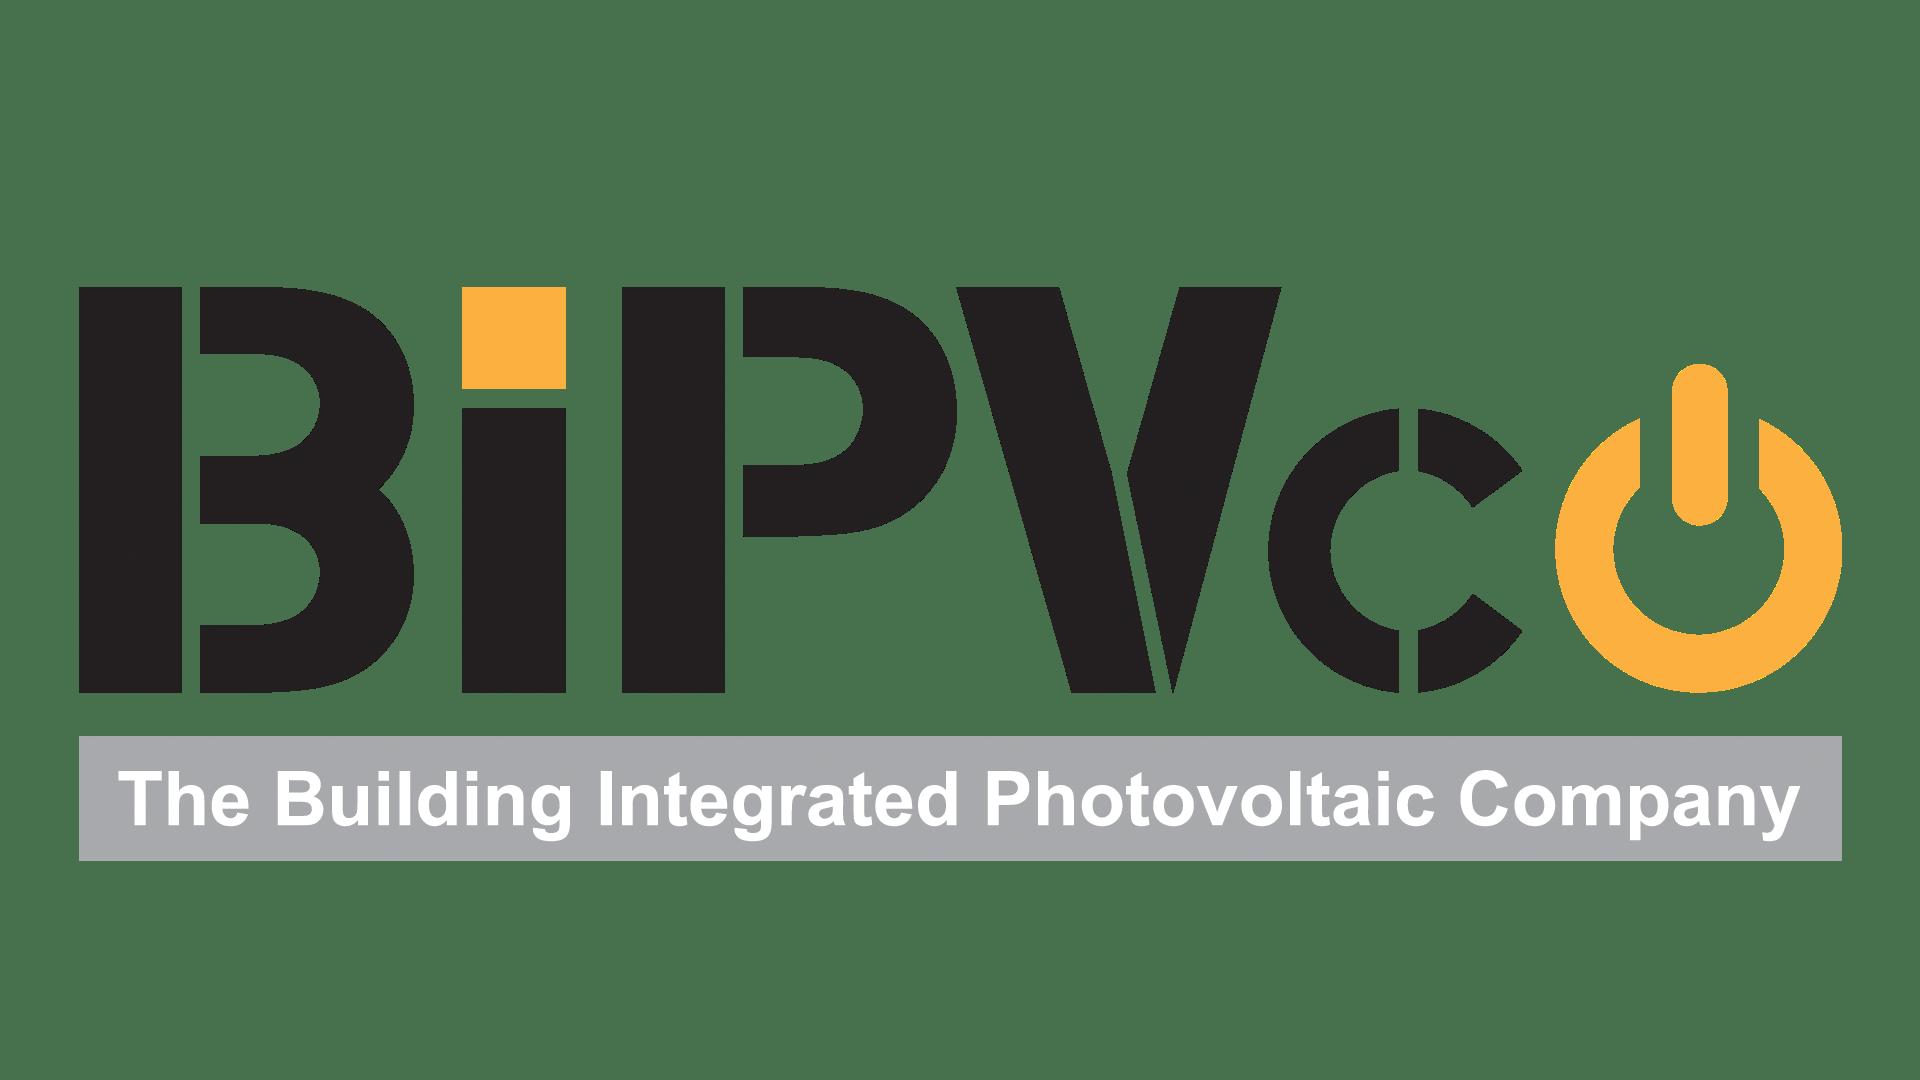 BiPVc